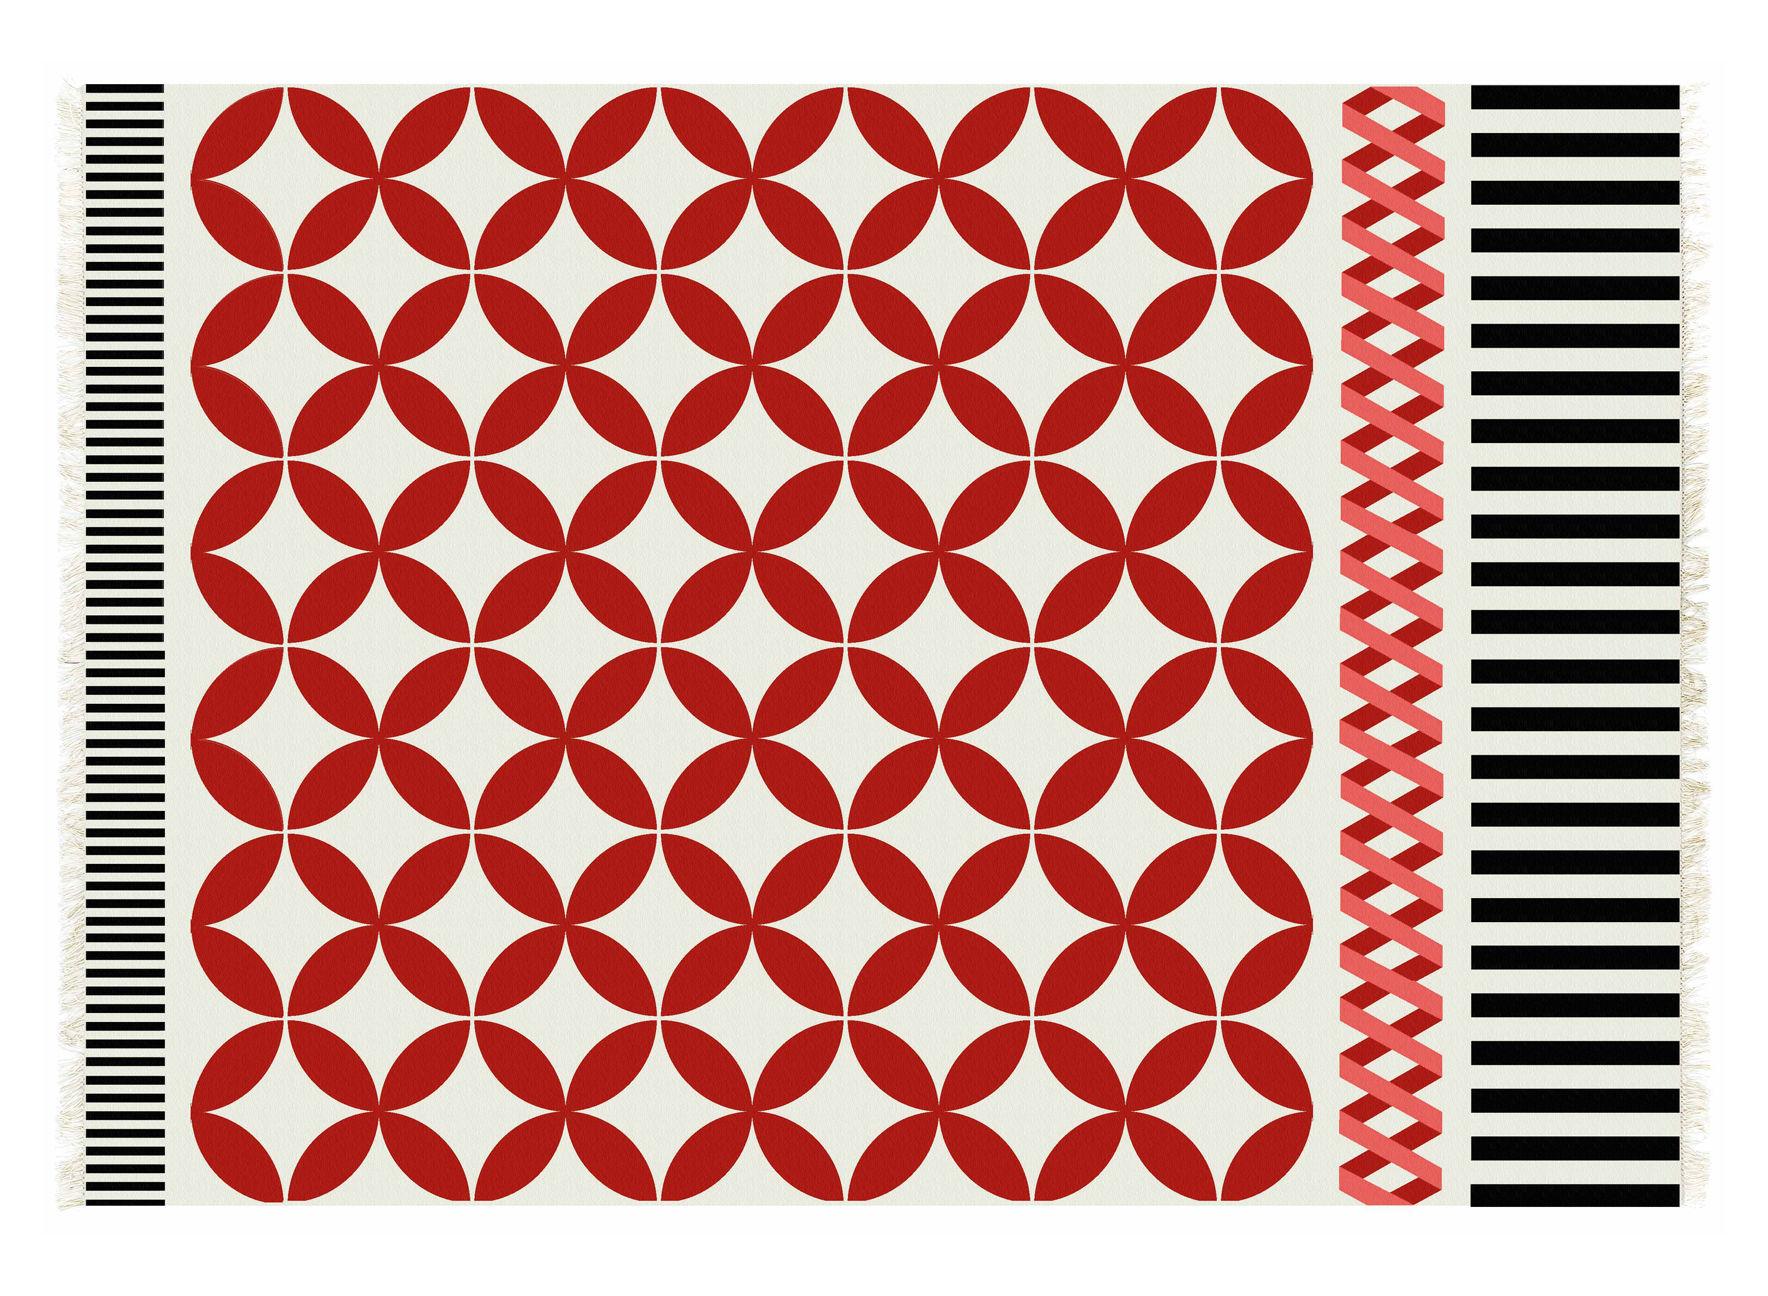 tapis de cuisine originaux simple tapis with tapis de cuisine originaux tapis with tapis de. Black Bedroom Furniture Sets. Home Design Ideas